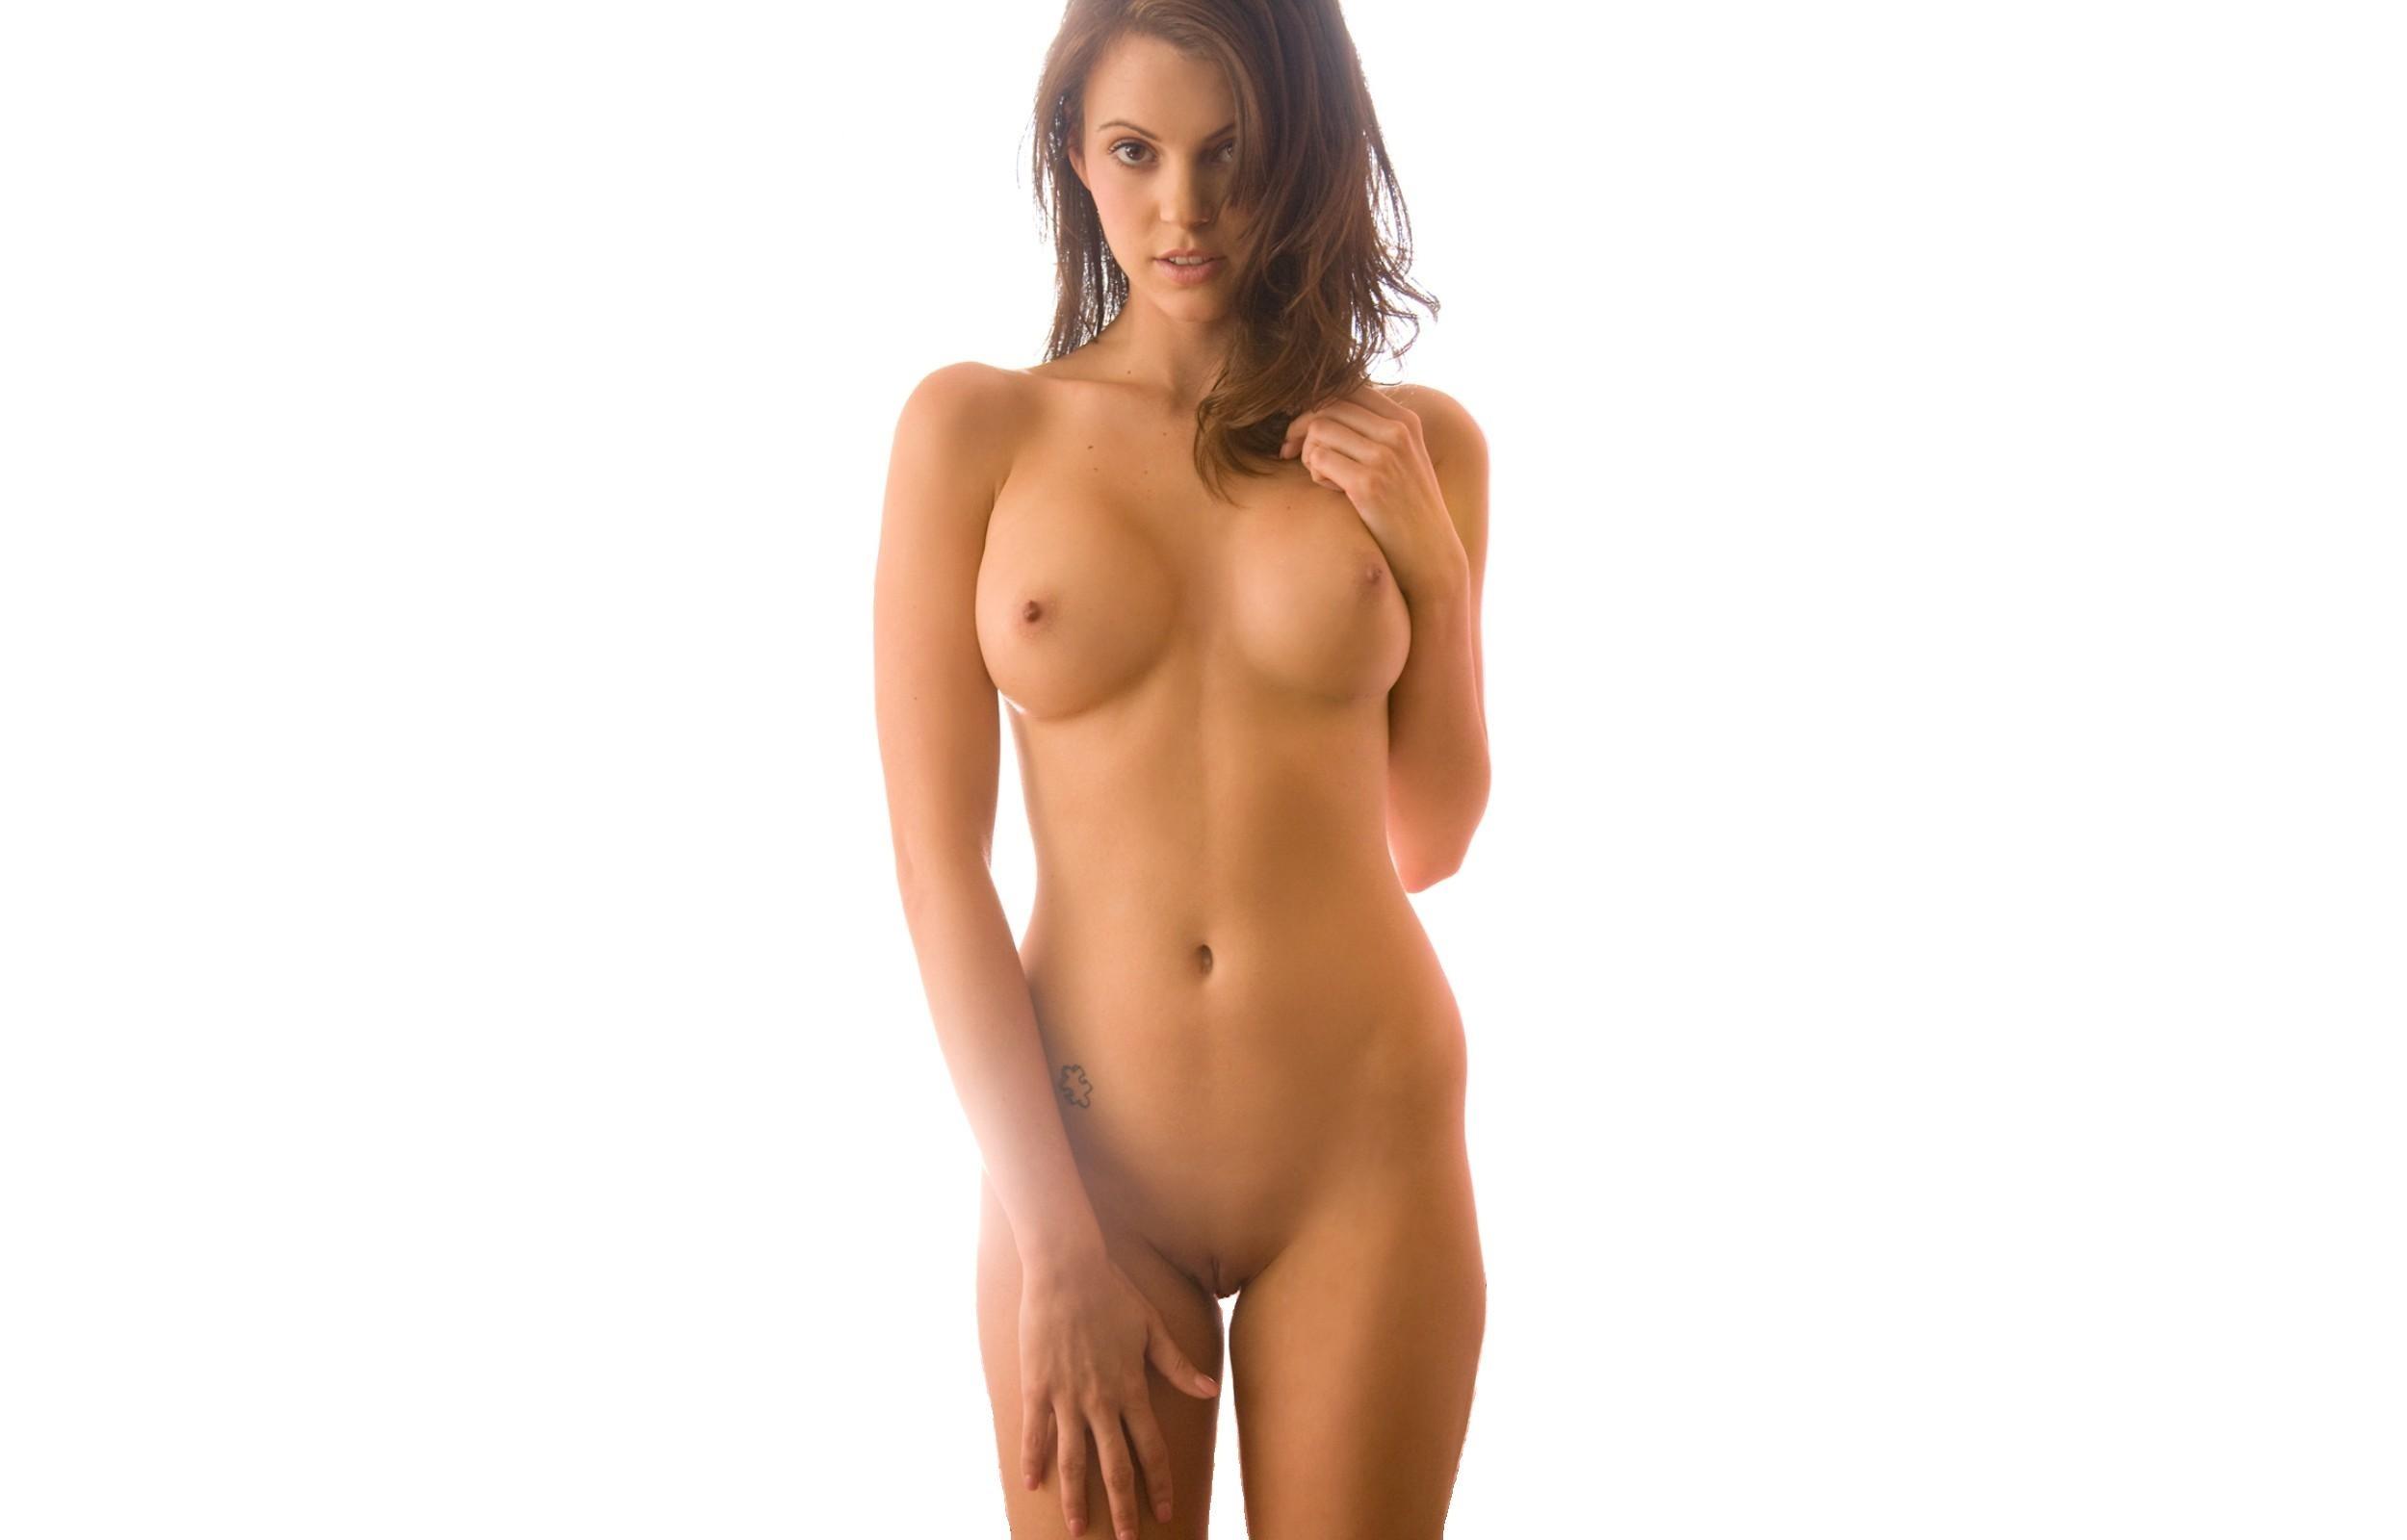 идеальные голые девушки фото